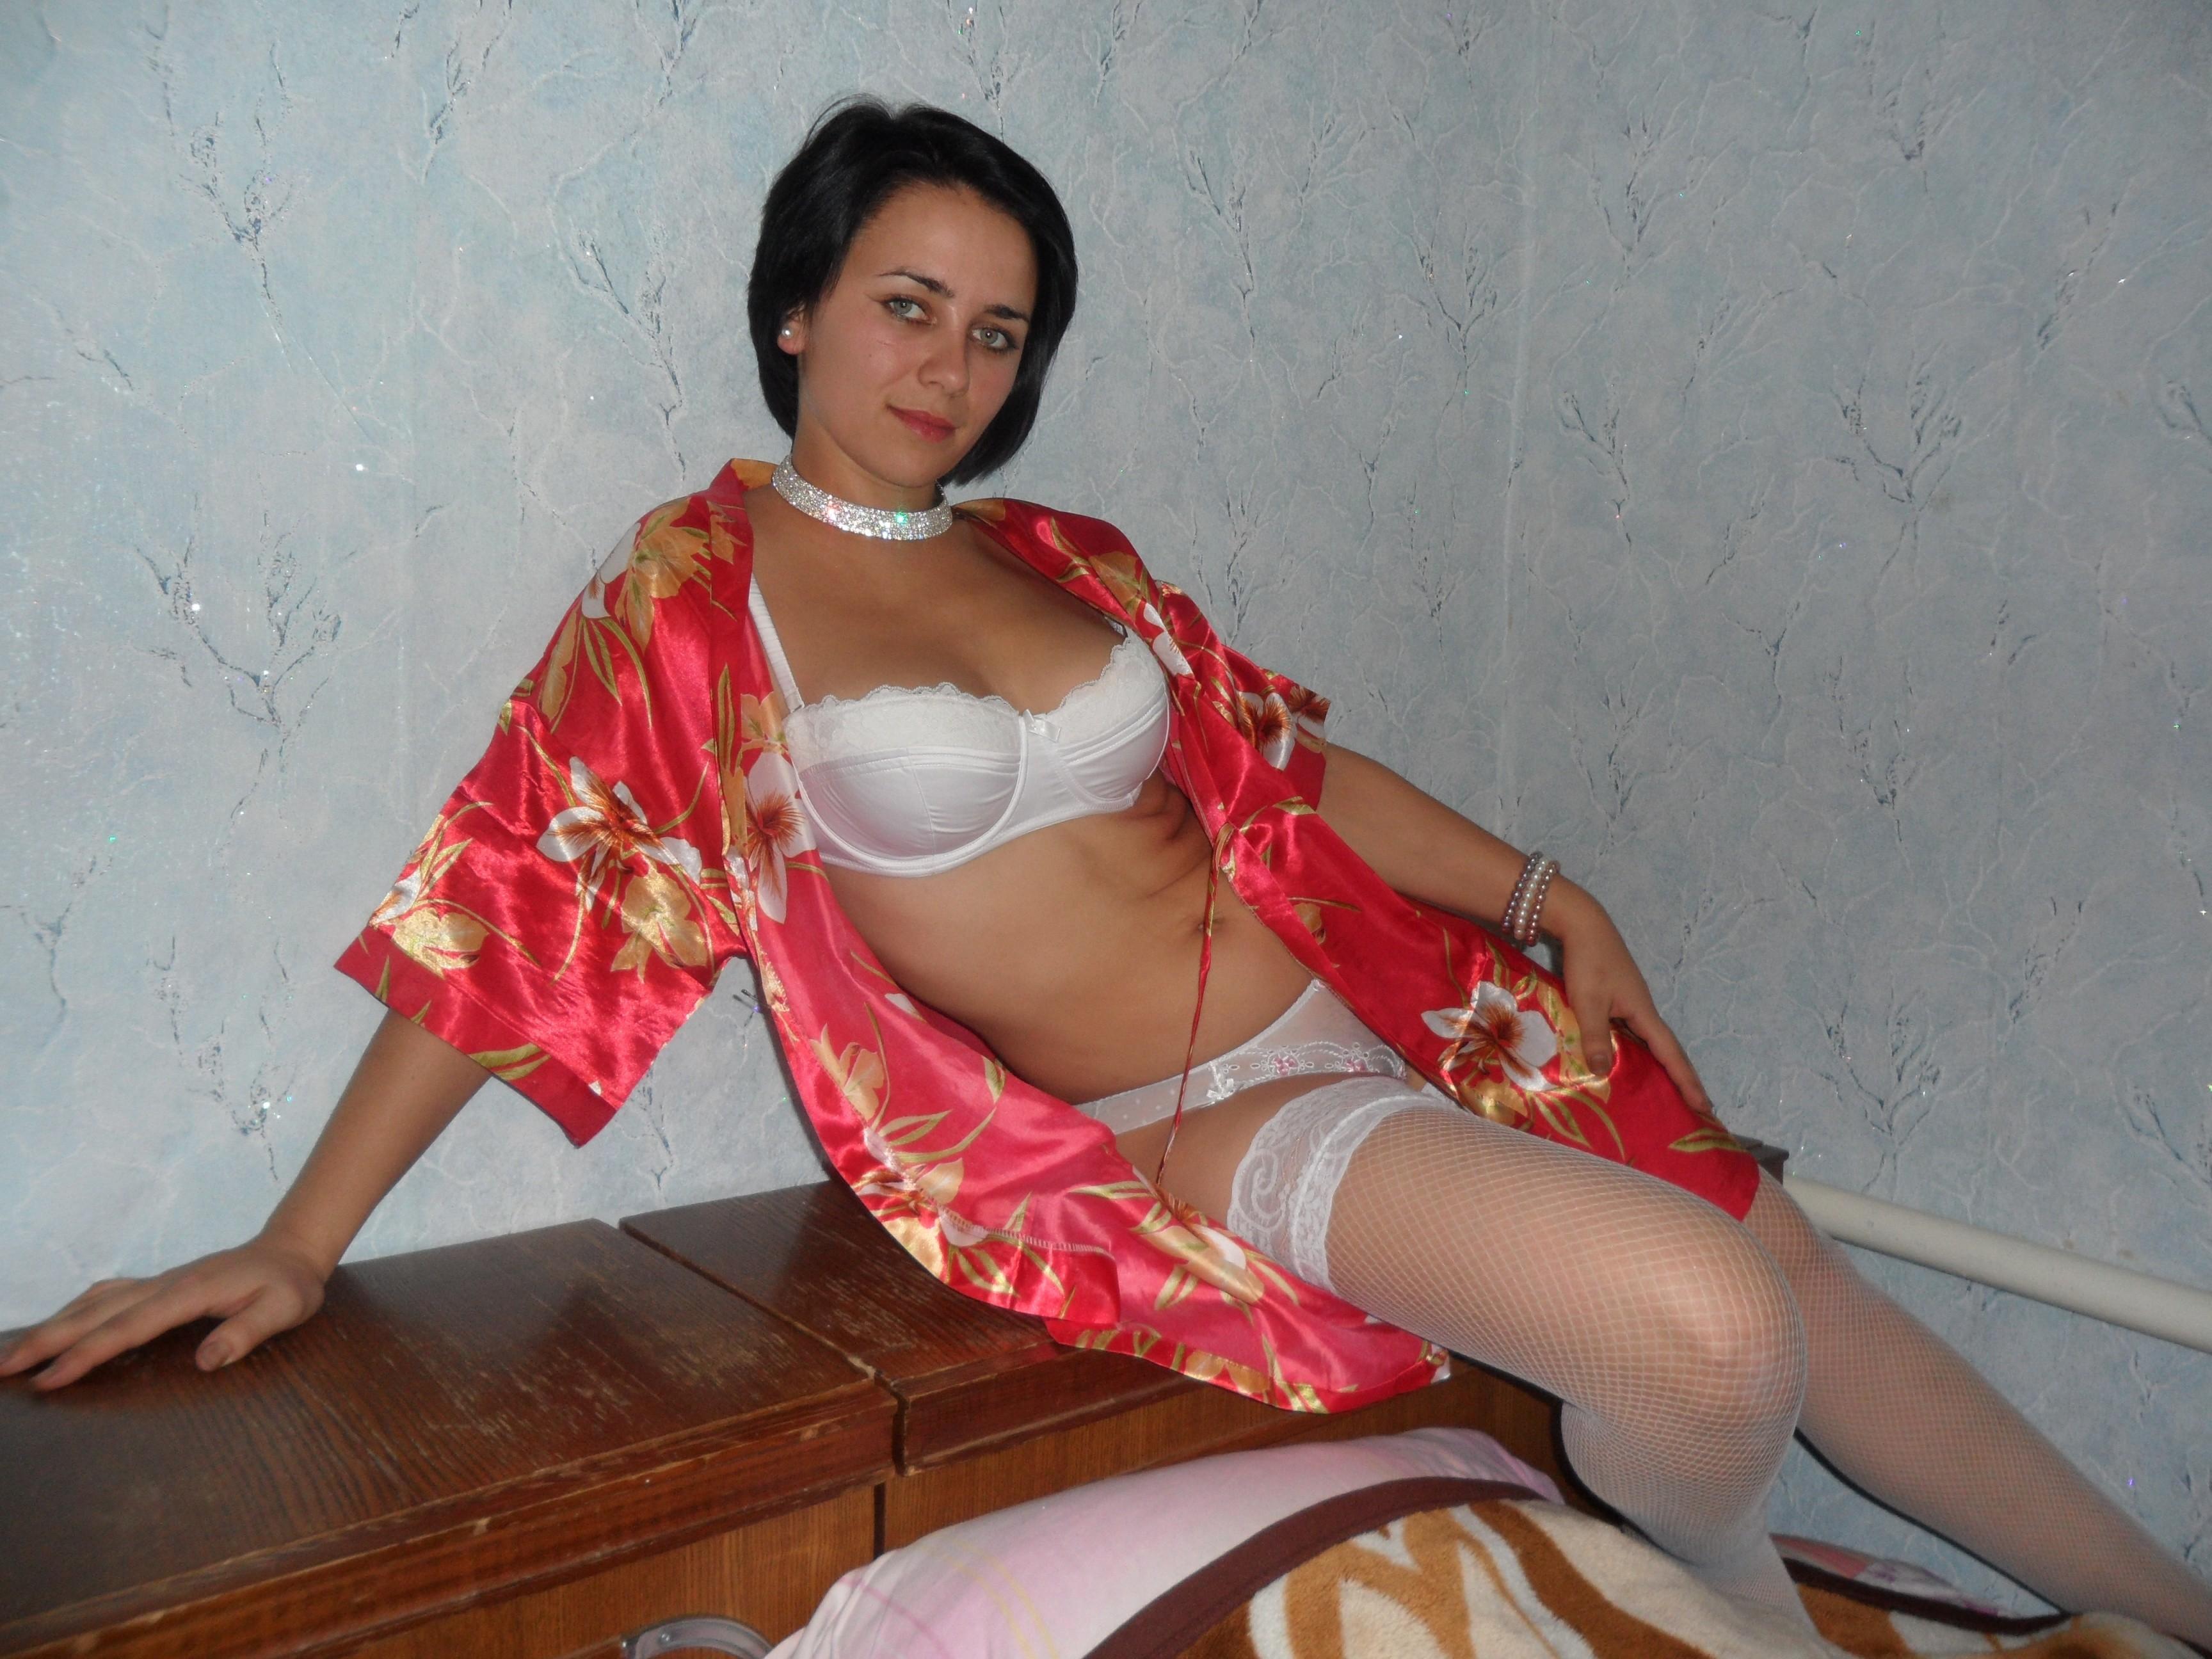 Фаина Раневская - Судьба-шлюха - читать книгу бесплатно